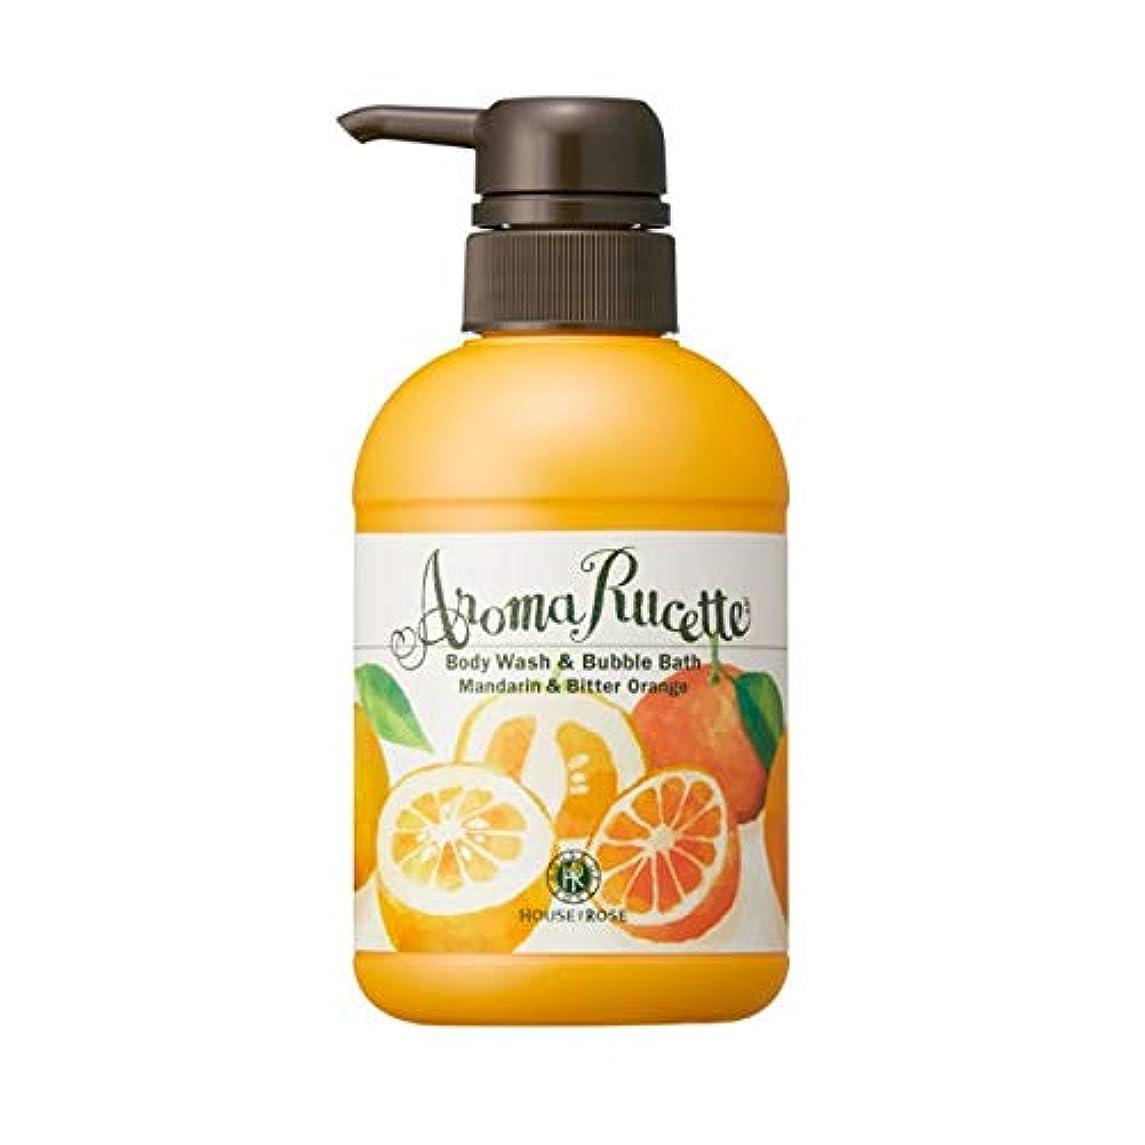 単に有彩色のマイクロプロセッサHOUSE OF ROSE(ハウスオブローゼ) ハウスオブローゼ/アロマルセット ボディウォッシュ&バブルバス MD&BO(マンダリン&ビターオレンジの香り)350mL